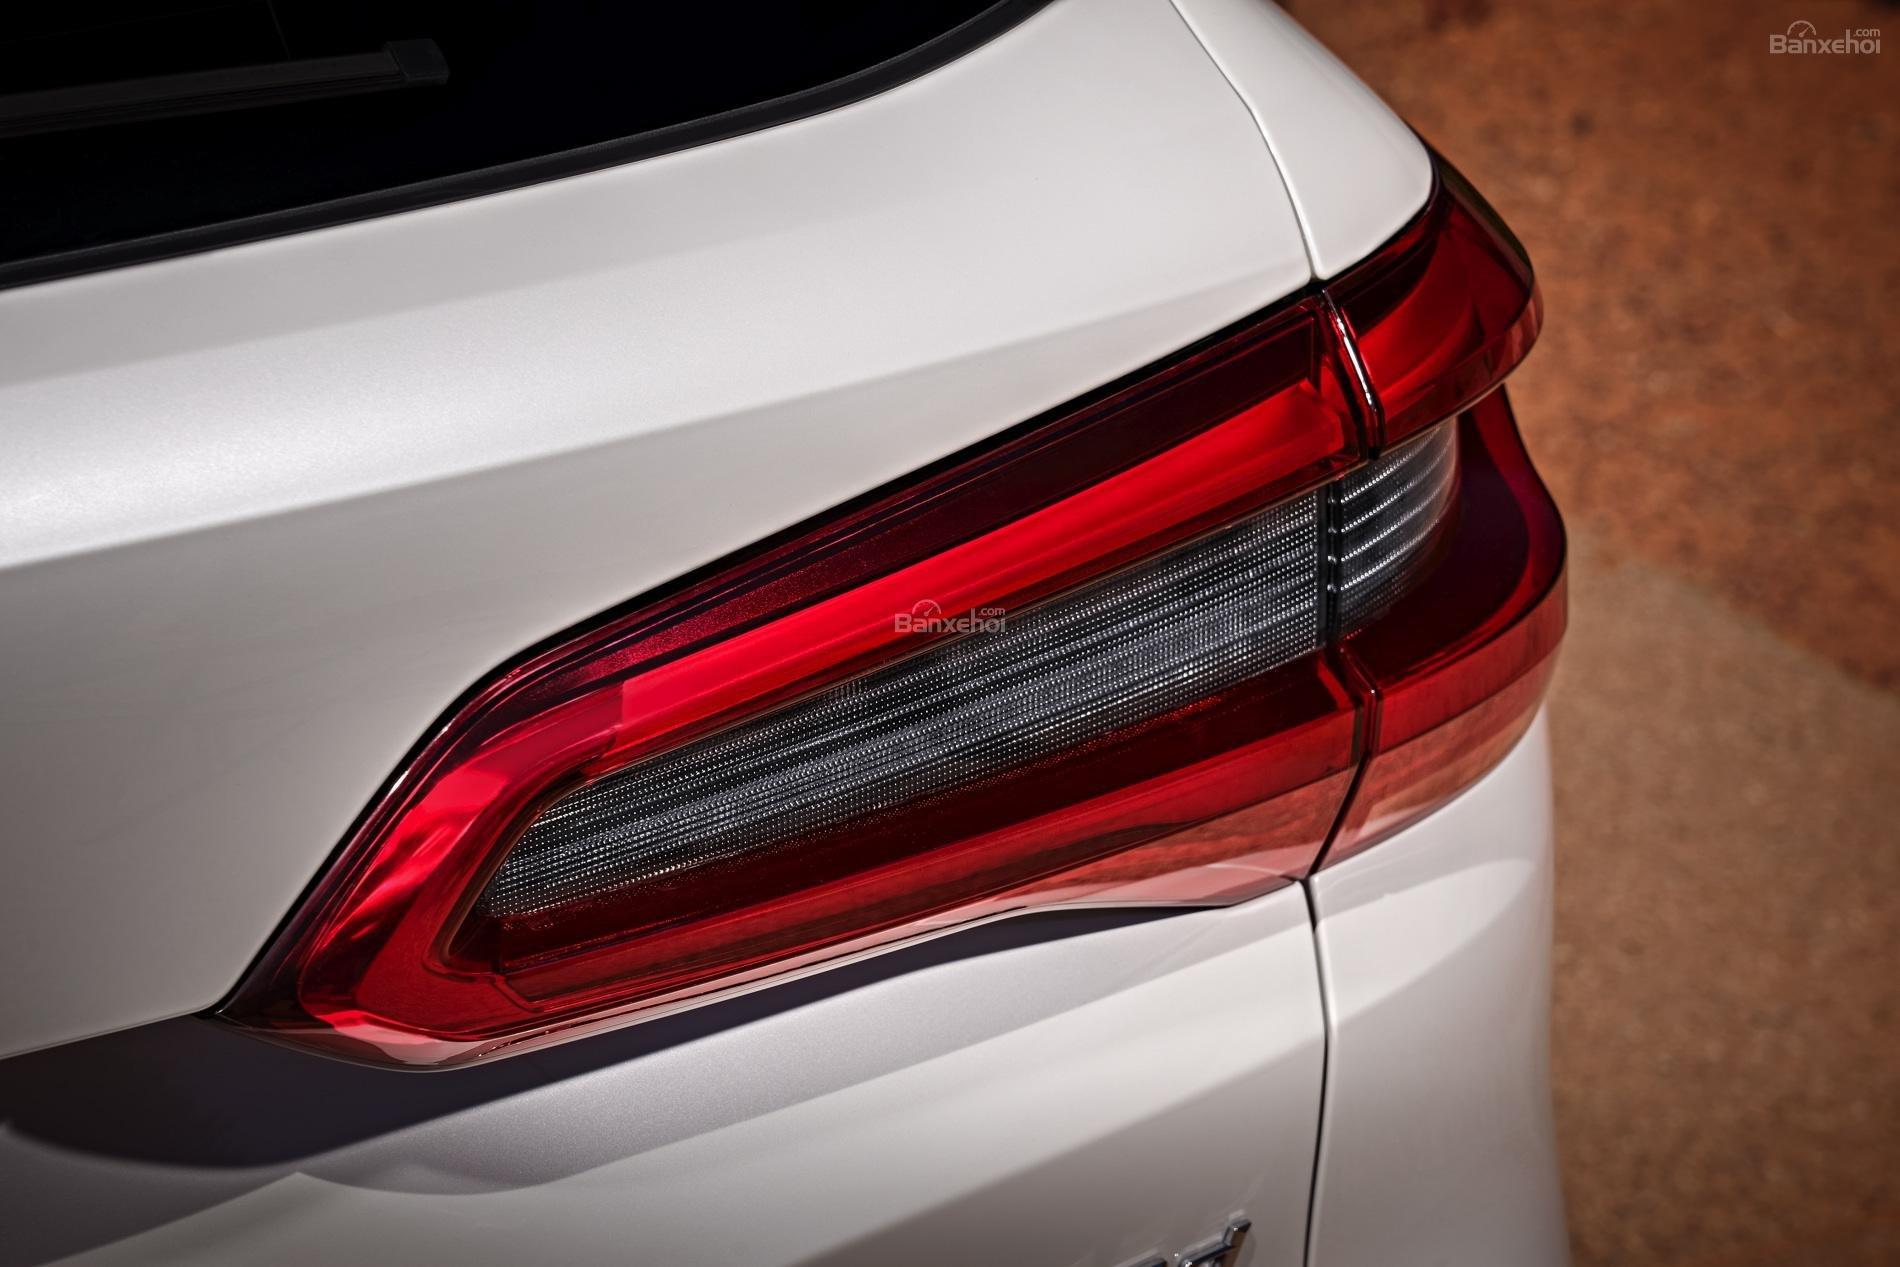 Đánh giá xe BMW X5 2019: Đèn hậu mảnh hơn hình chữ L z